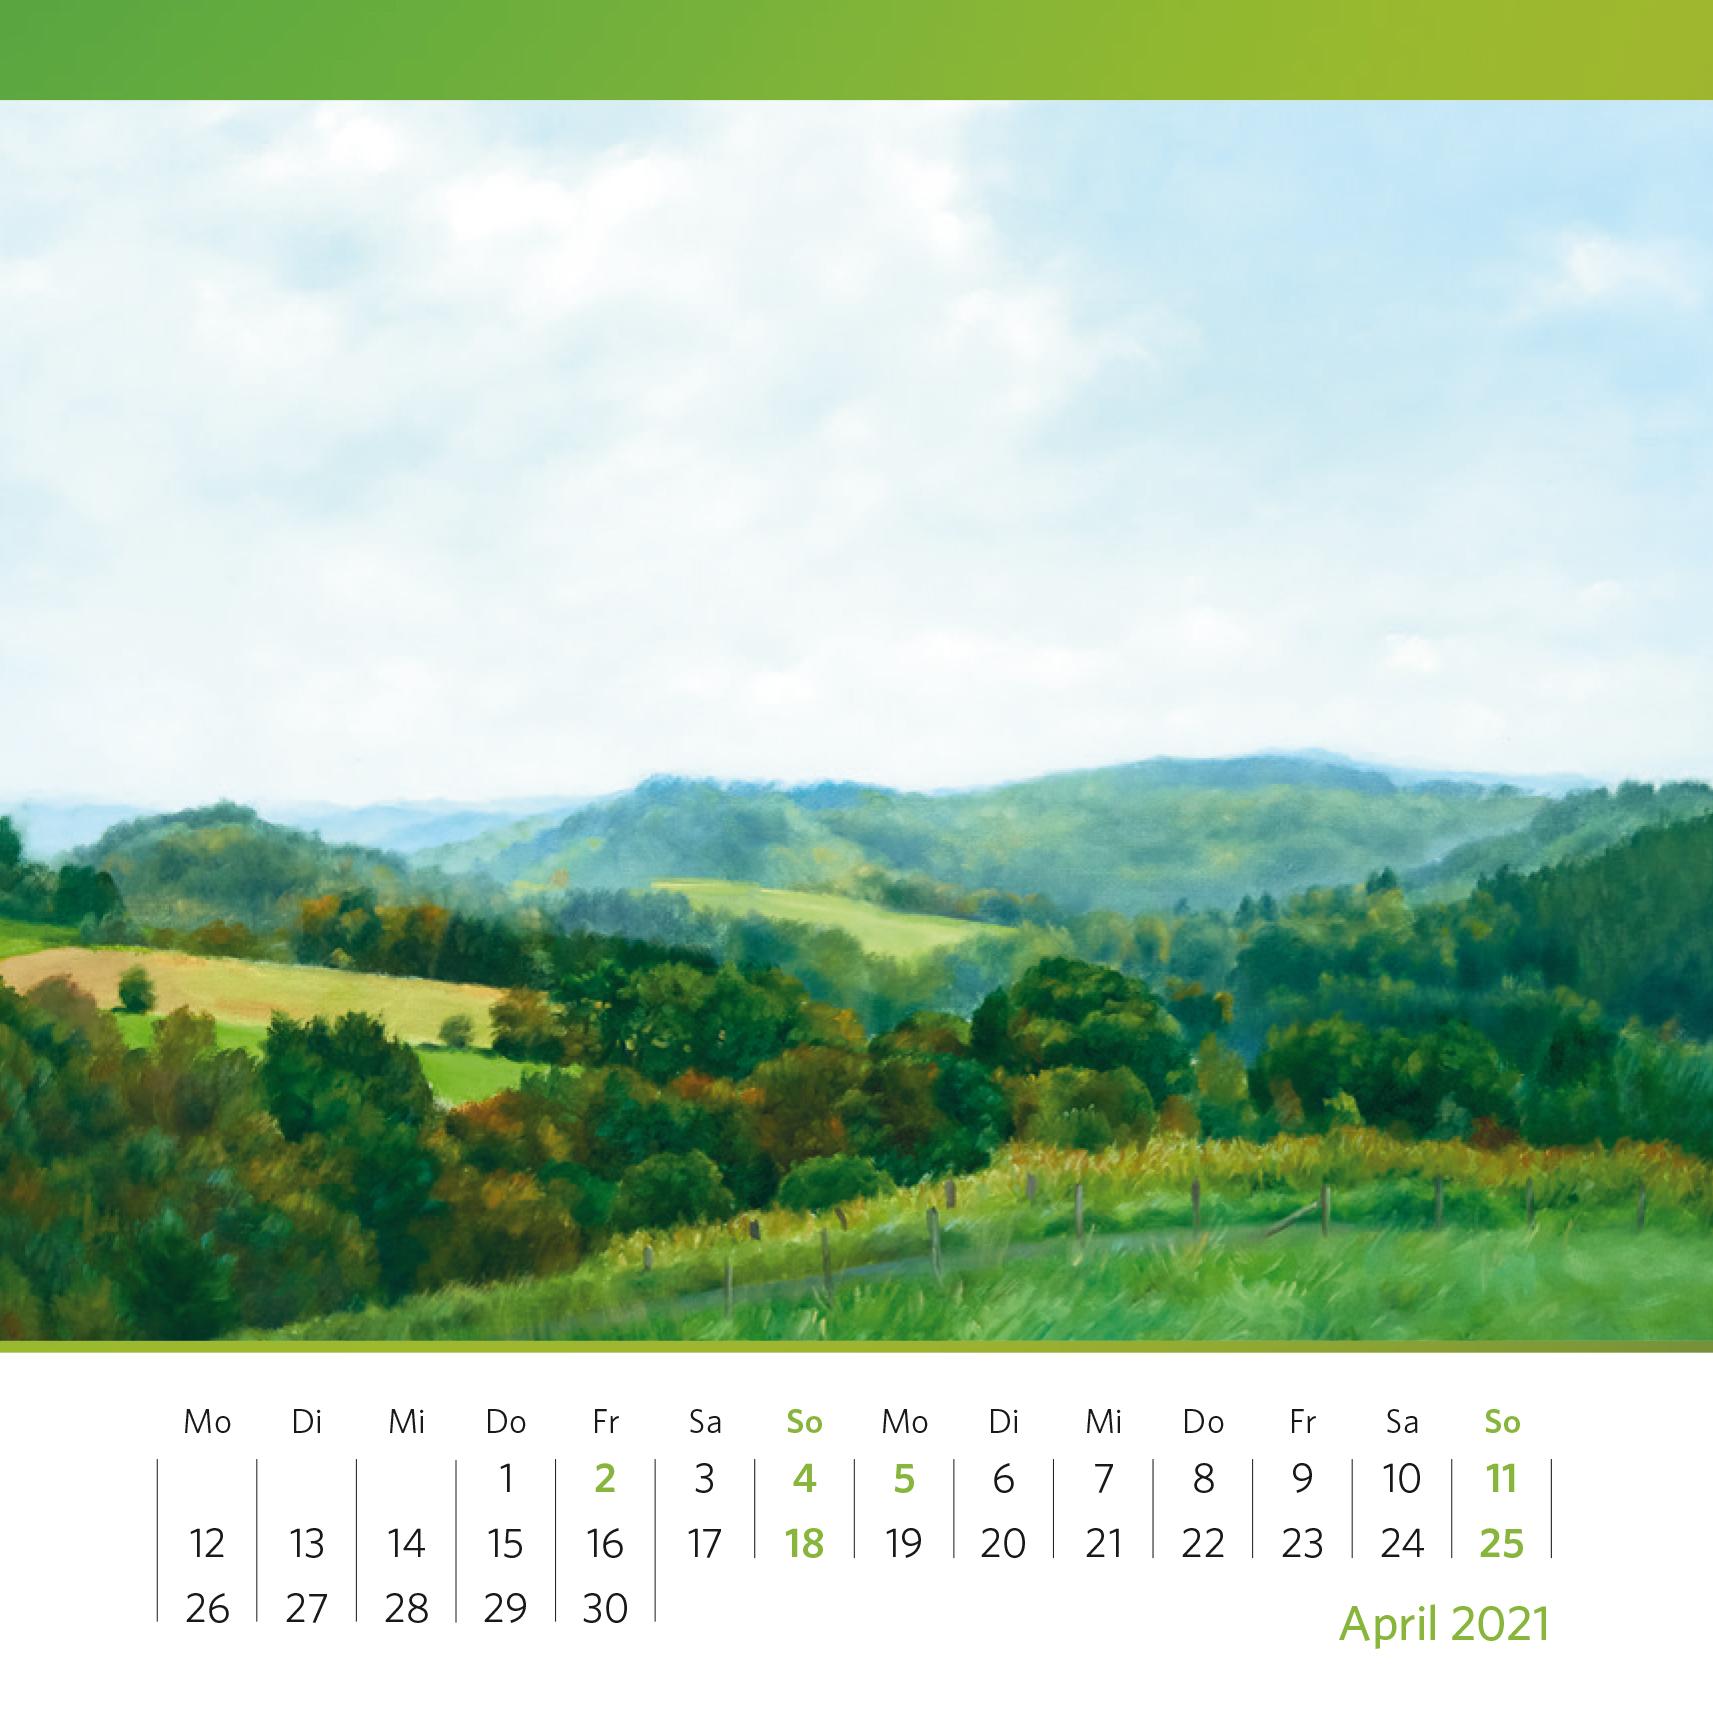 Margret Riese, o.T. – Wald- und Wiesenlandschaft. Sig. Riese (19)79. Öl auf Leinwand, 87 x 112 cm. Foto: Oliver Kolken